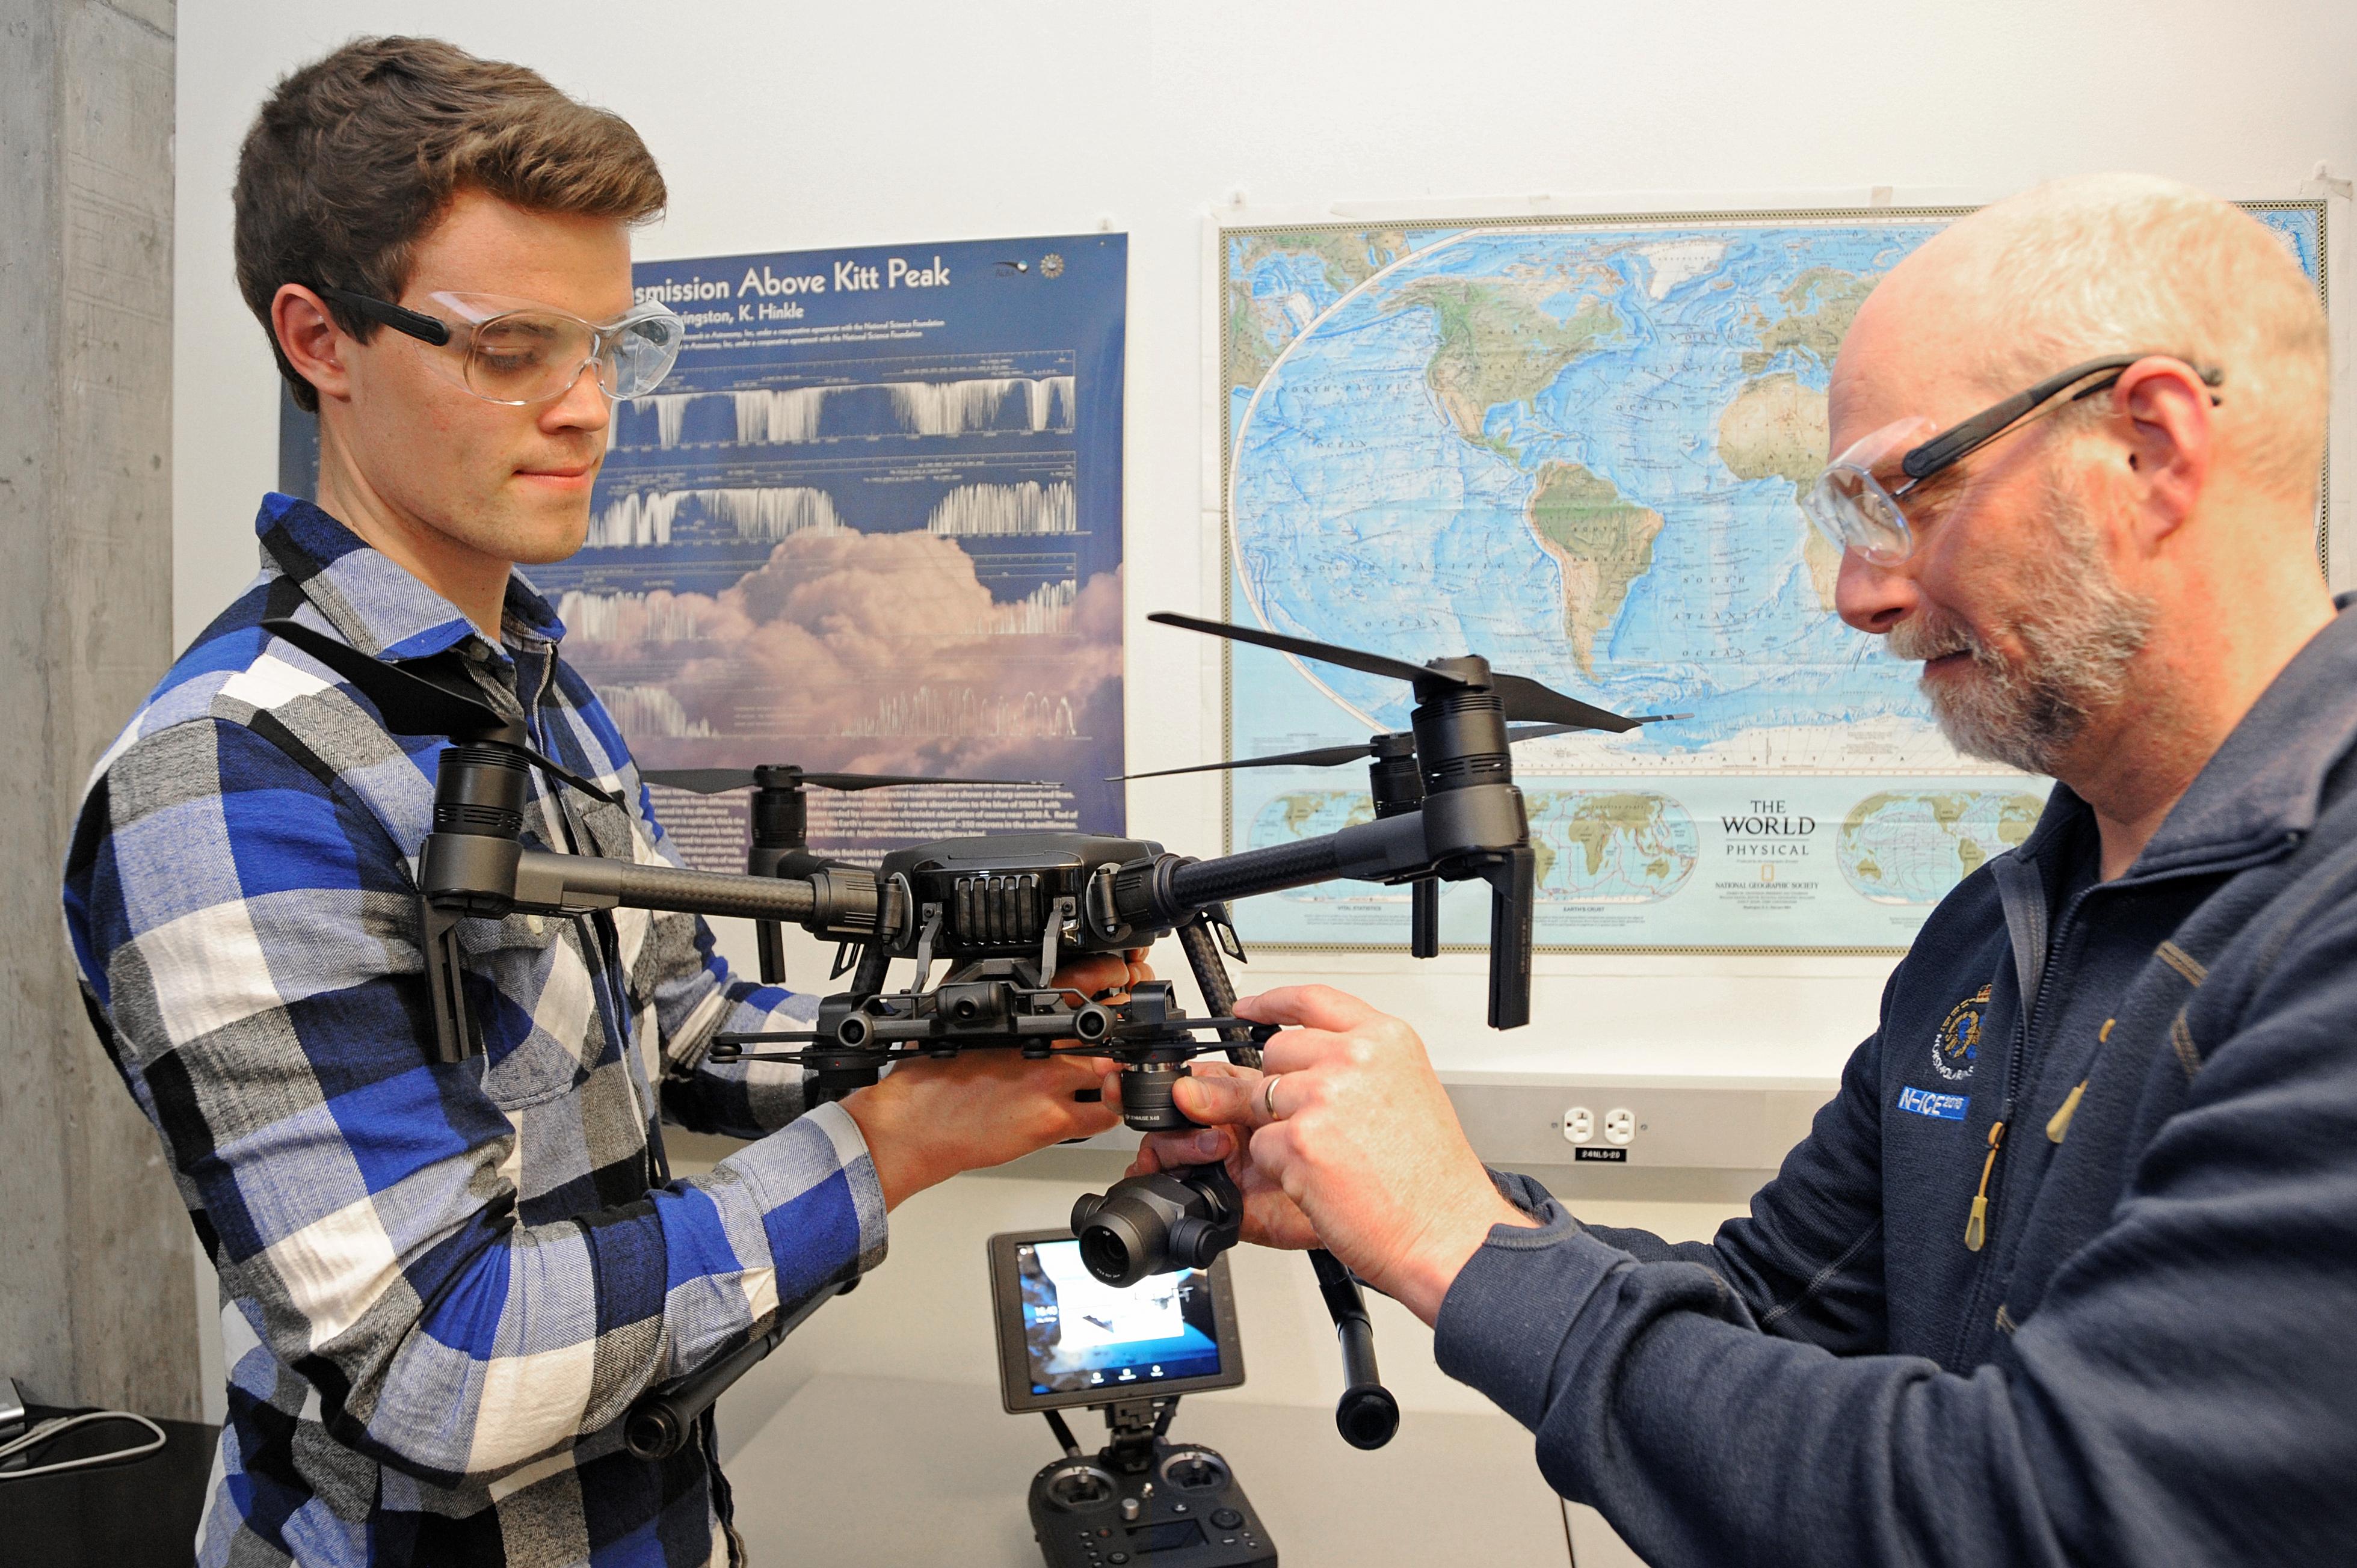 National scholarship recipient Kristian Gubsch examines an aerial drone with Professor Von Walden